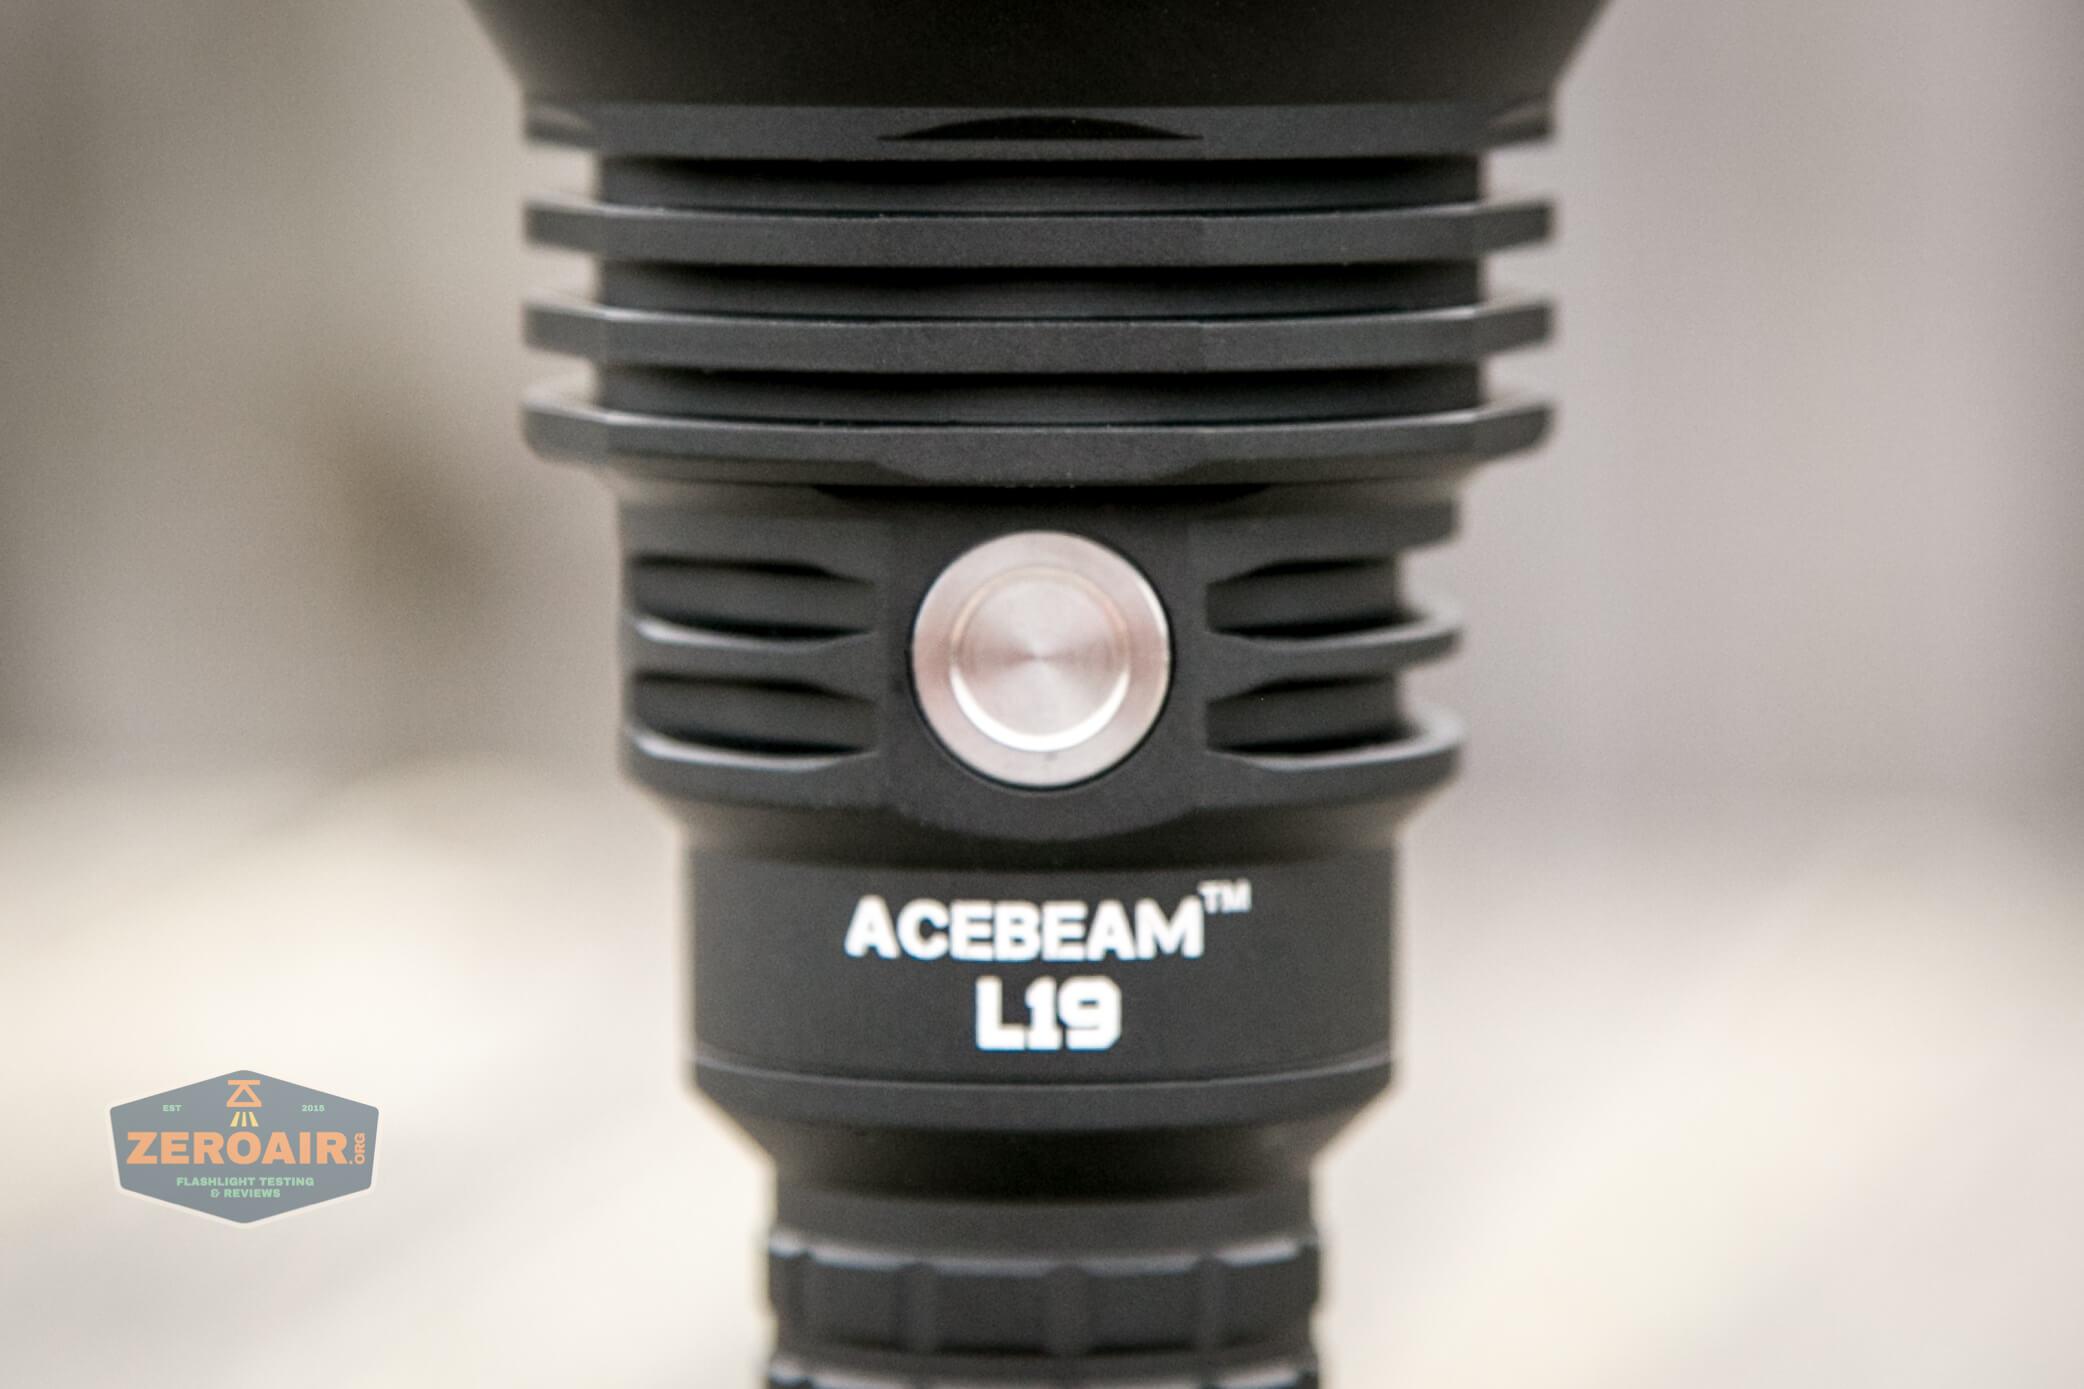 acebeam l19 e-switch